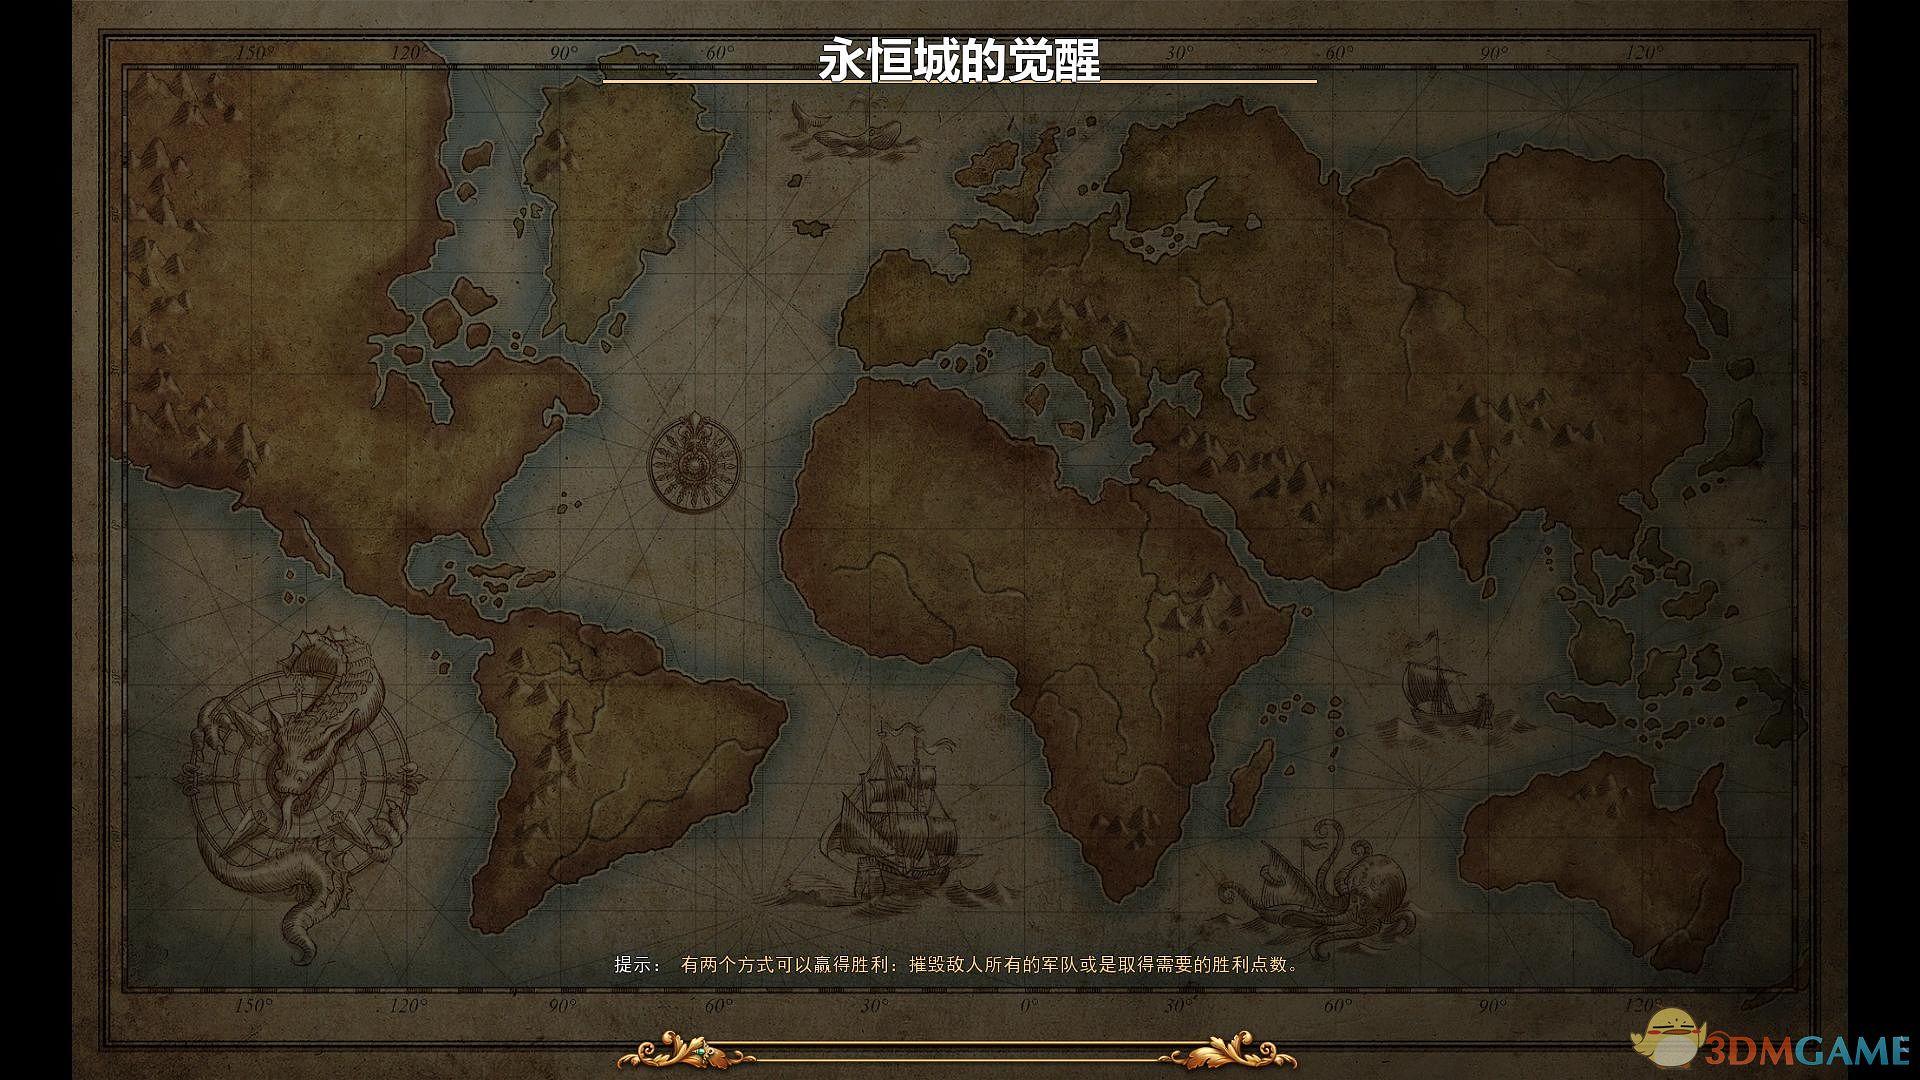 《工人物语7:王国之路》v1.01升级补丁